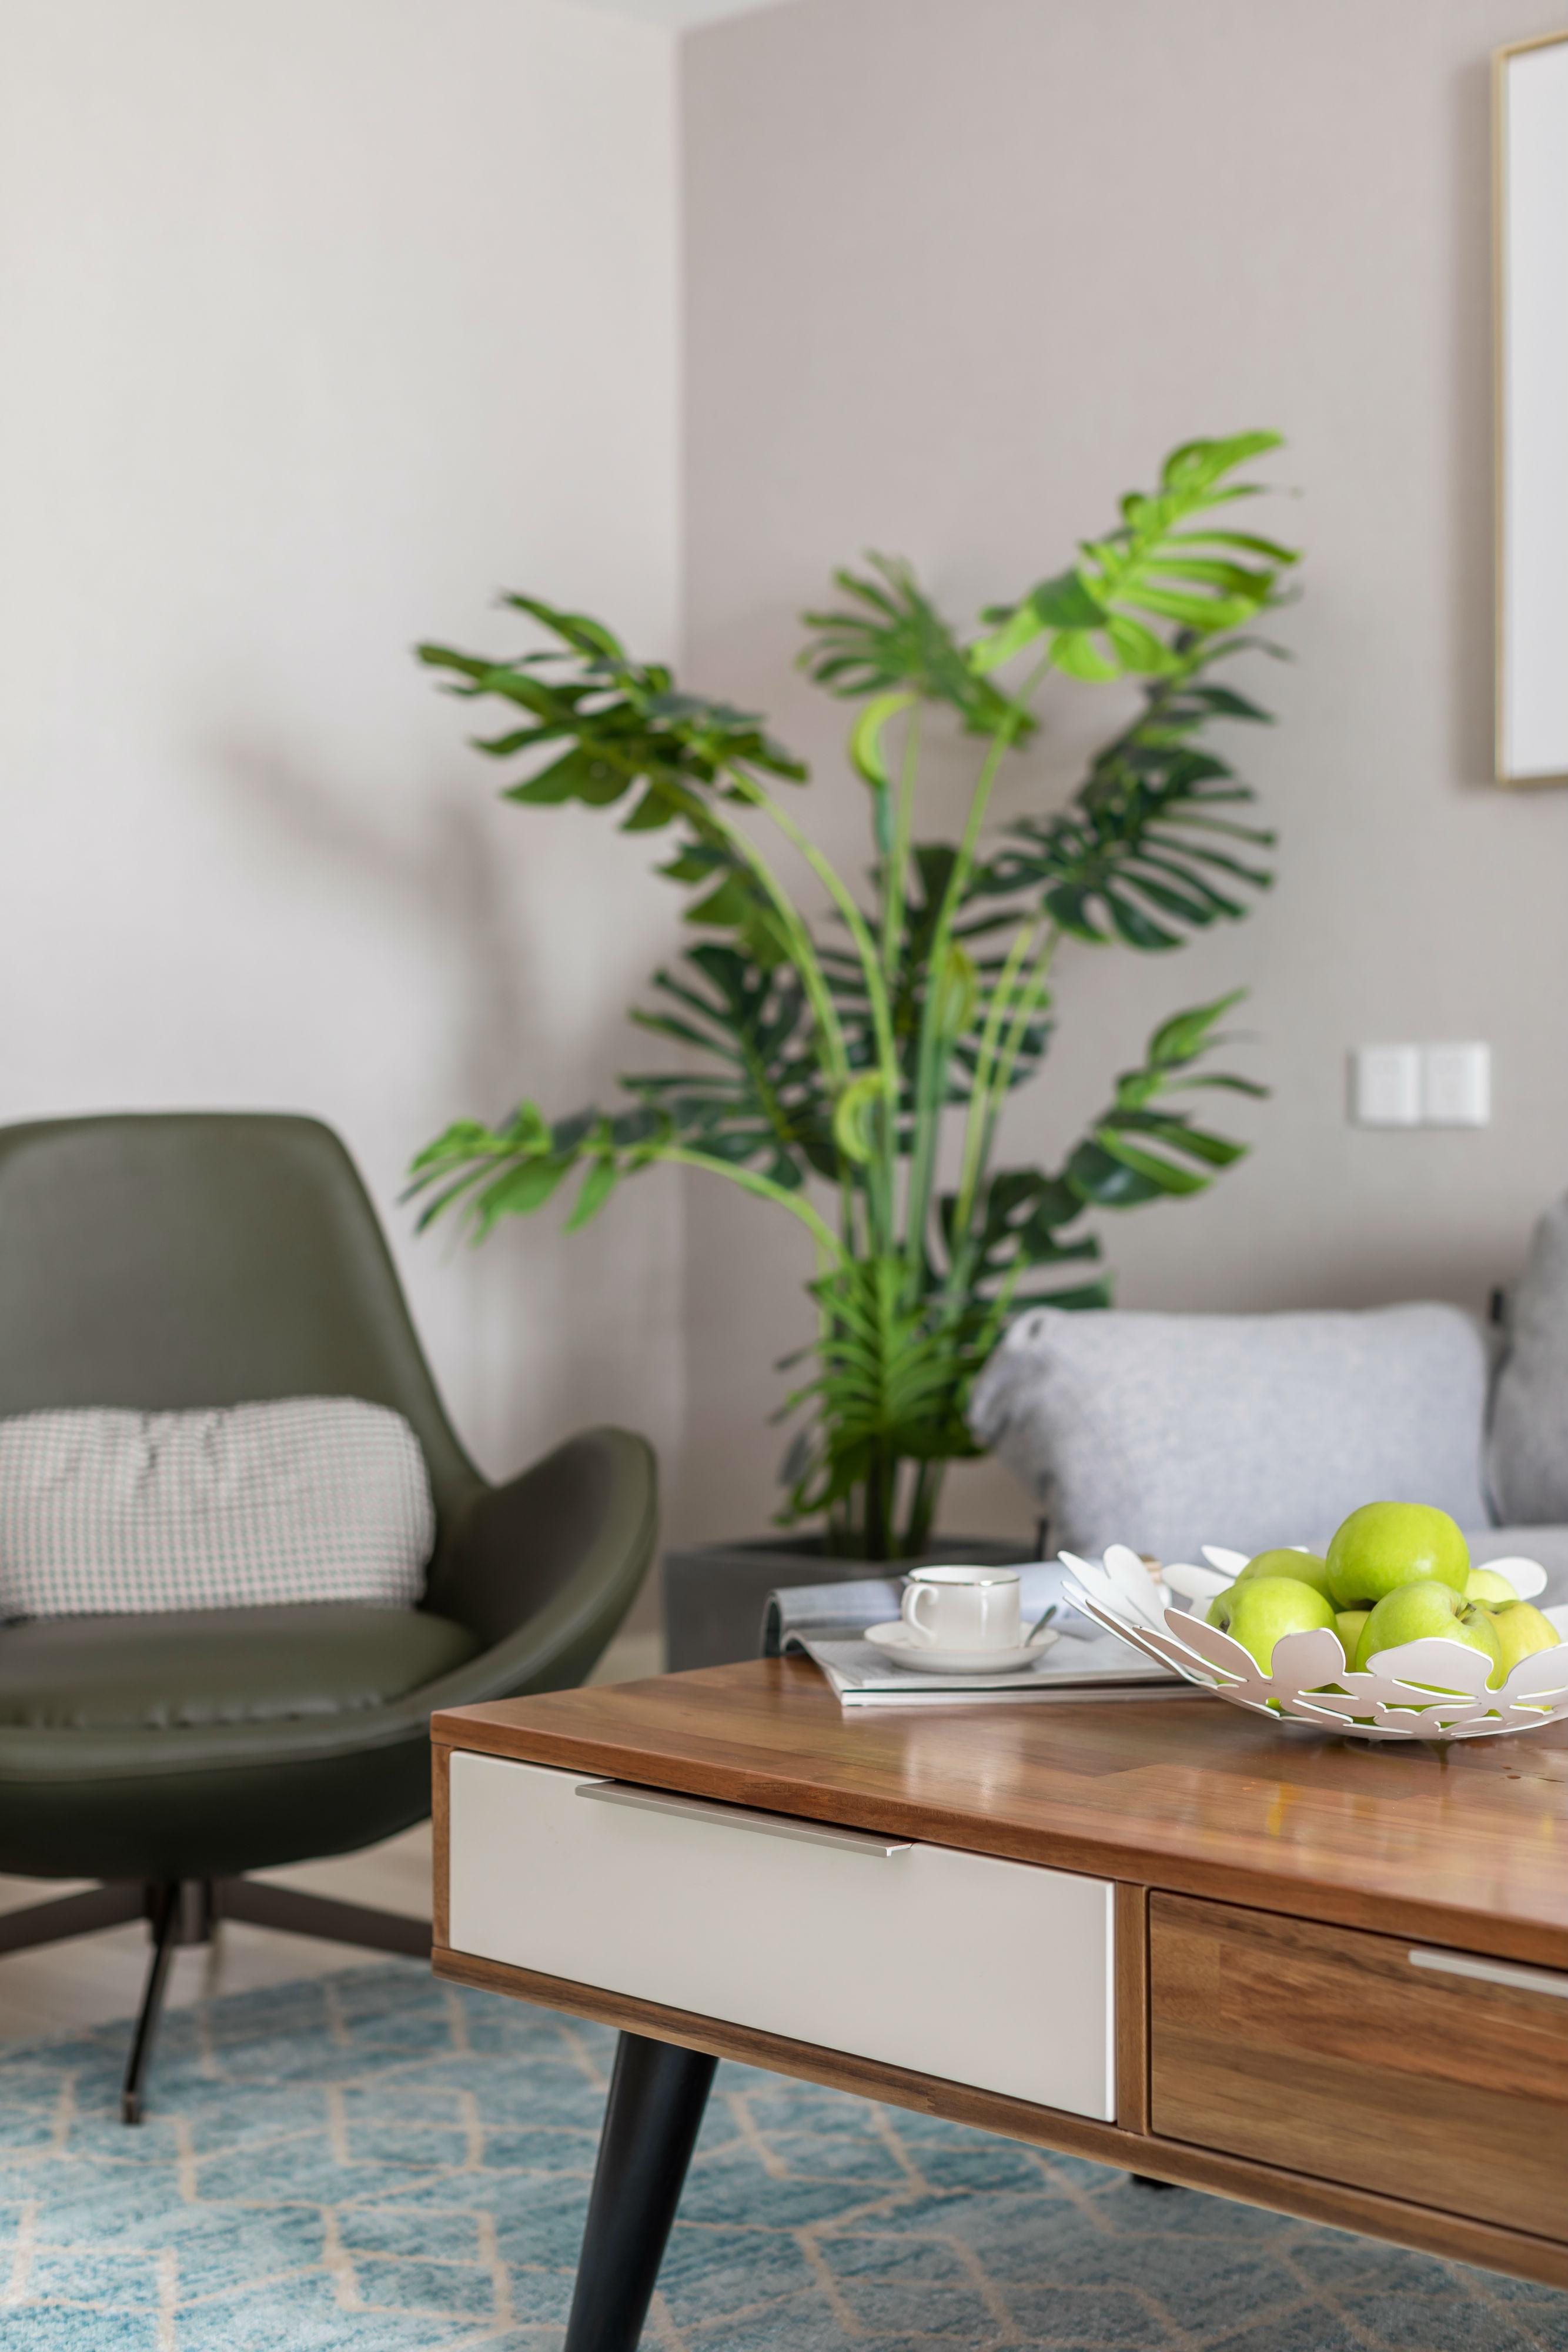 质朴113平欧式三居客厅实景图客厅2图欧式豪华客厅设计图片赏析